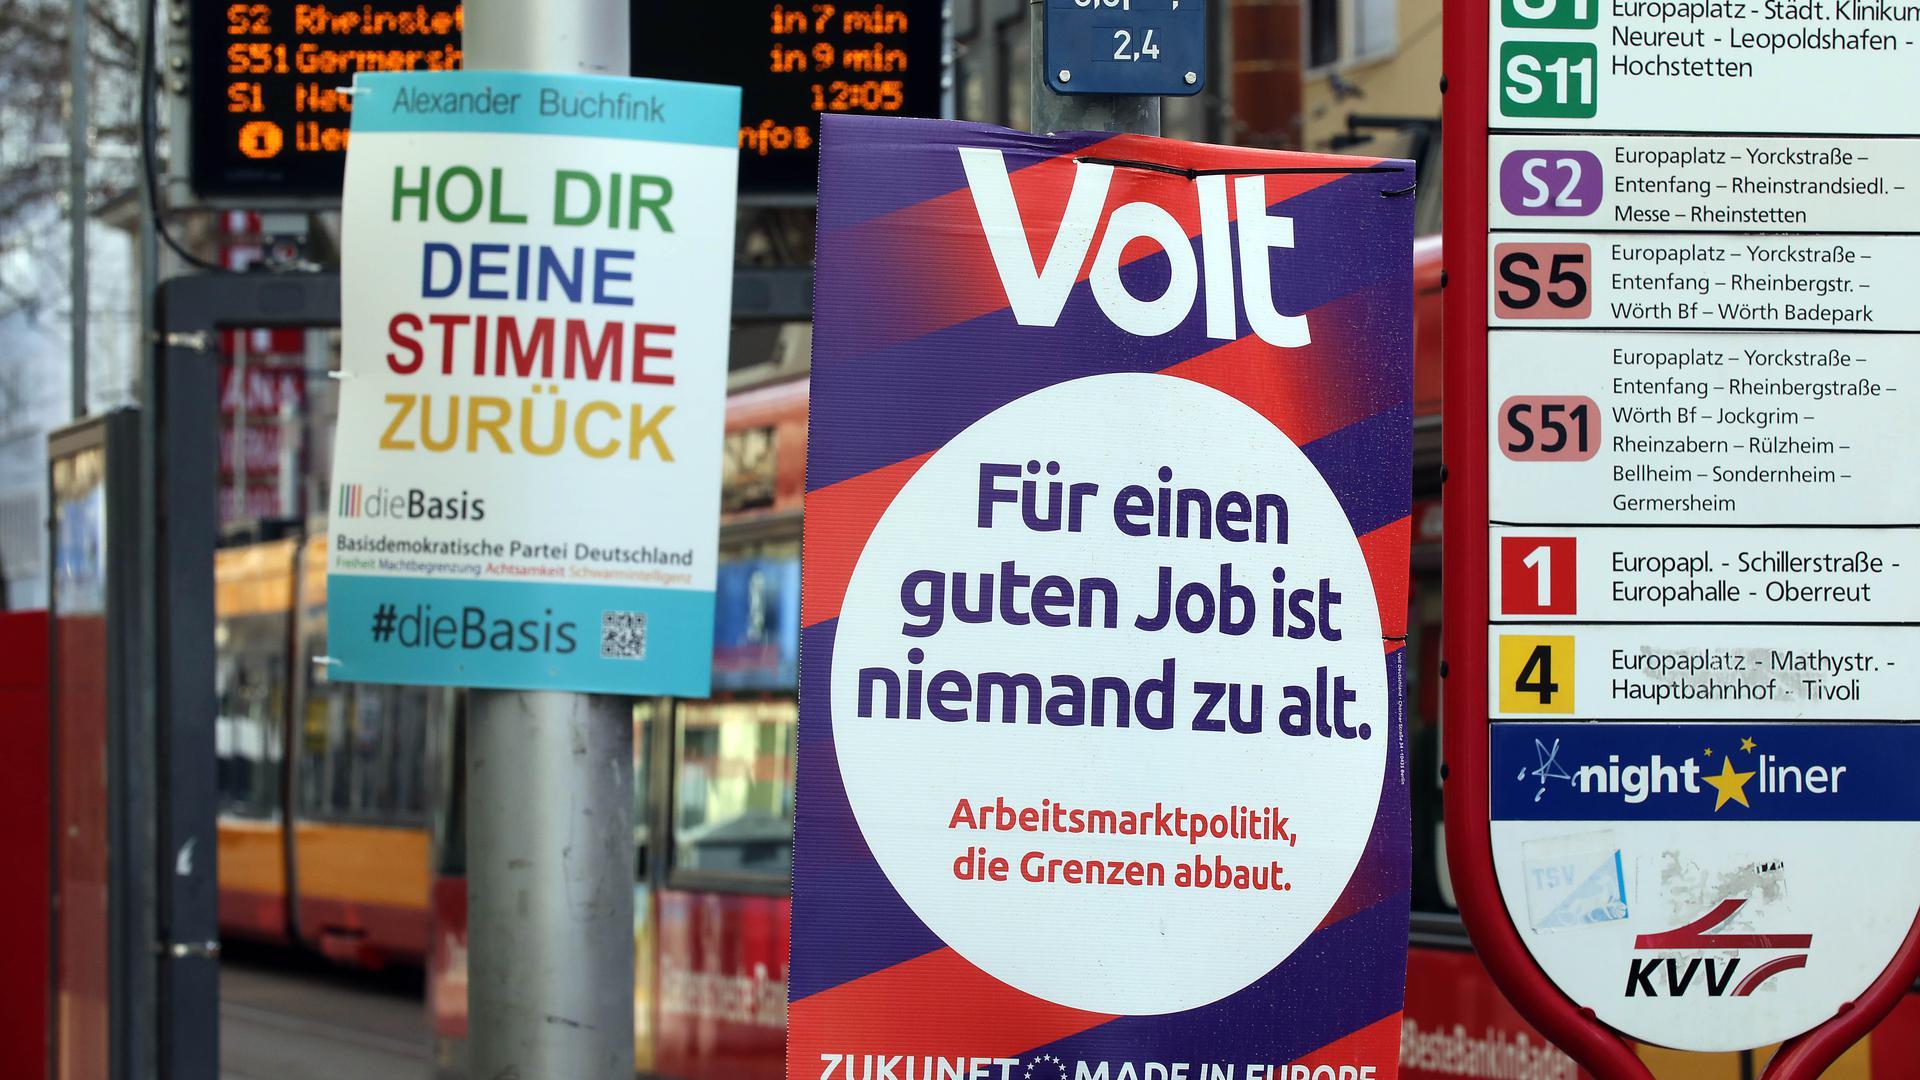 Wettbewerb: Neben den arrivierten Parteien kämpfen bei der Landtagswahl am 14. März auch kleine und Kleinstparteien um politische Marktanteile.